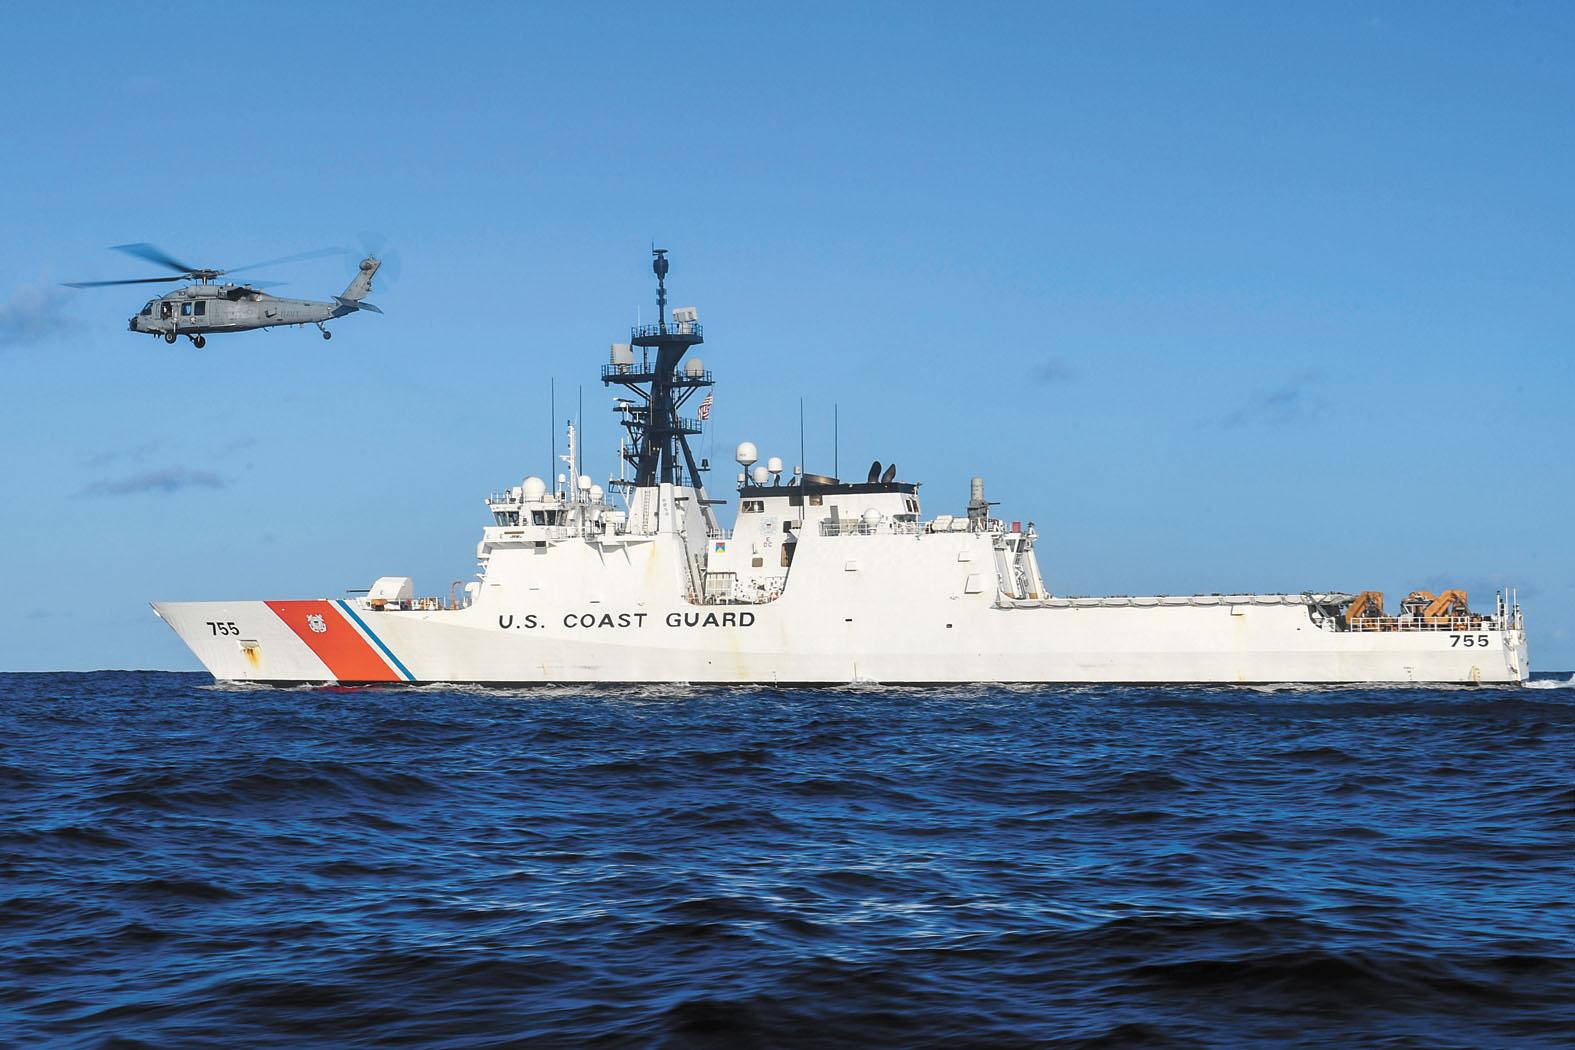 美國海岸警衛隊將於西太平洋,部署新一代快速反應巡防艦執行海上安全任務。資料圖片